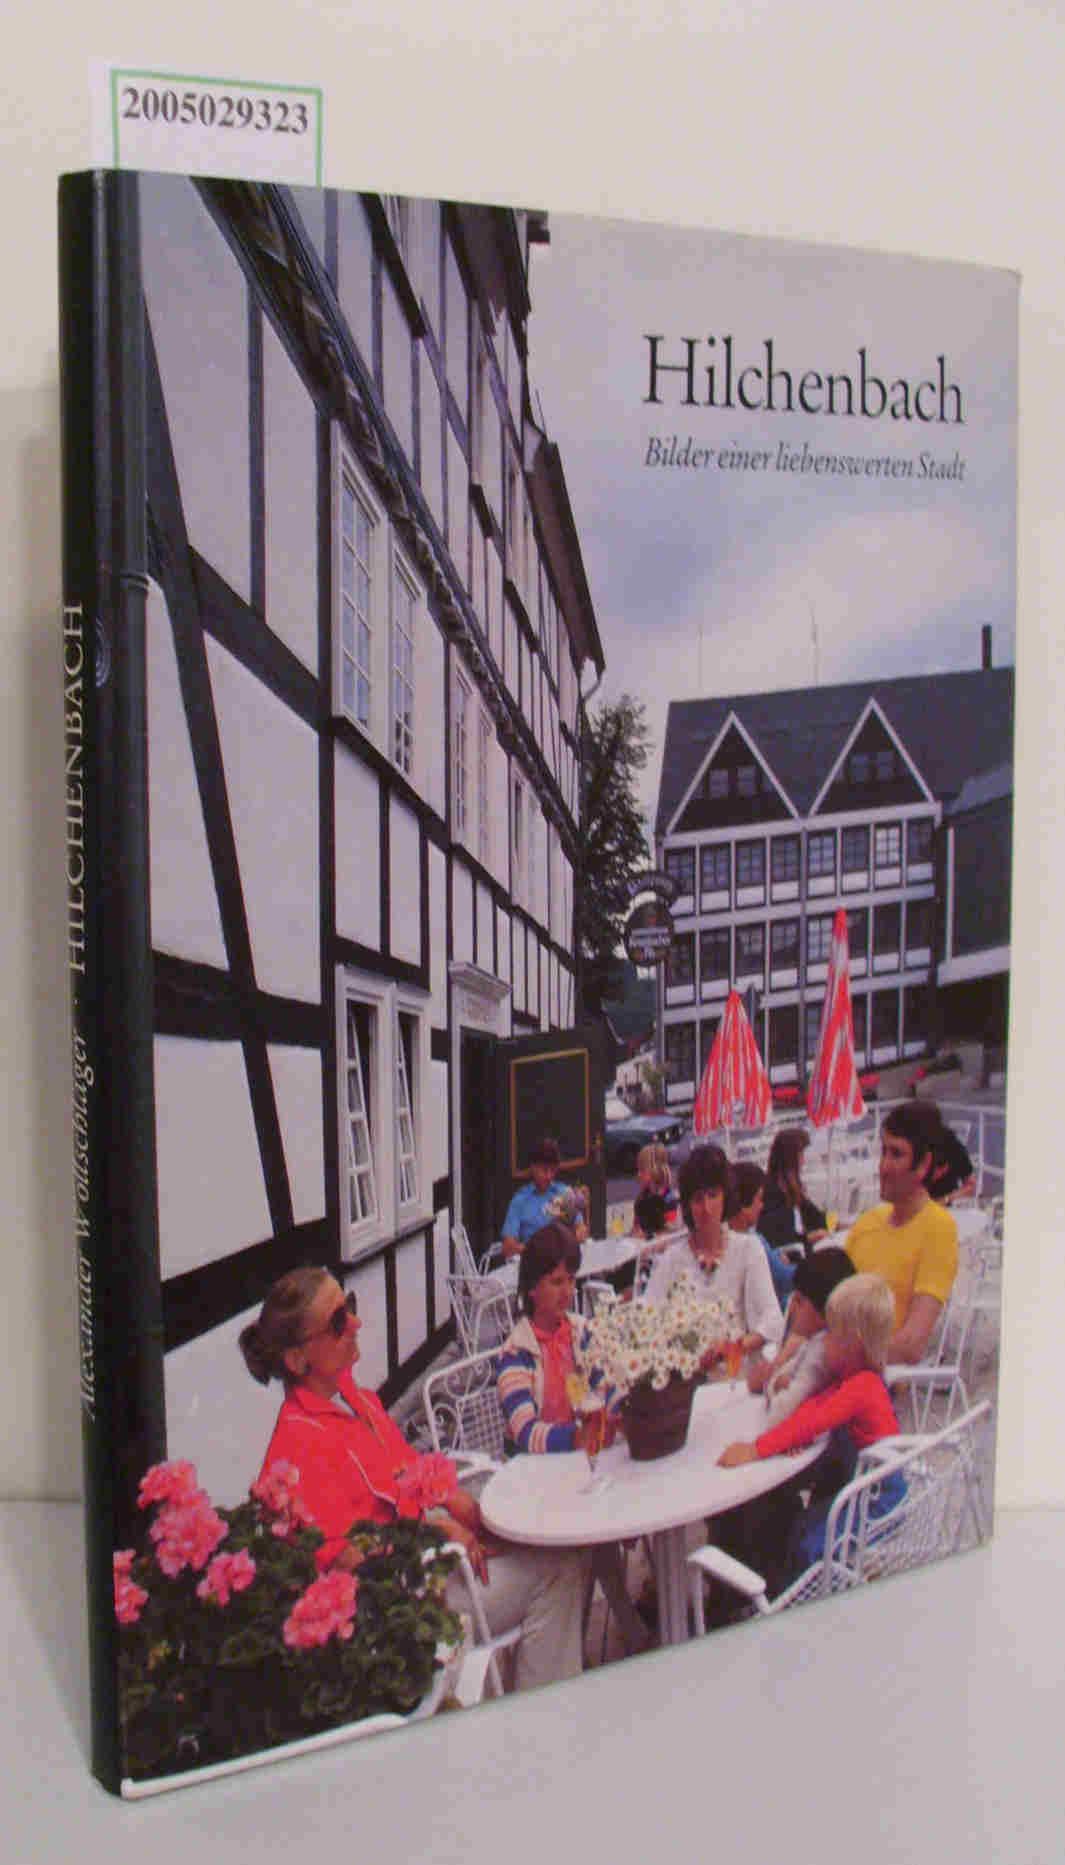 Hilchenbach Bilder einer liebenswerten Stadt